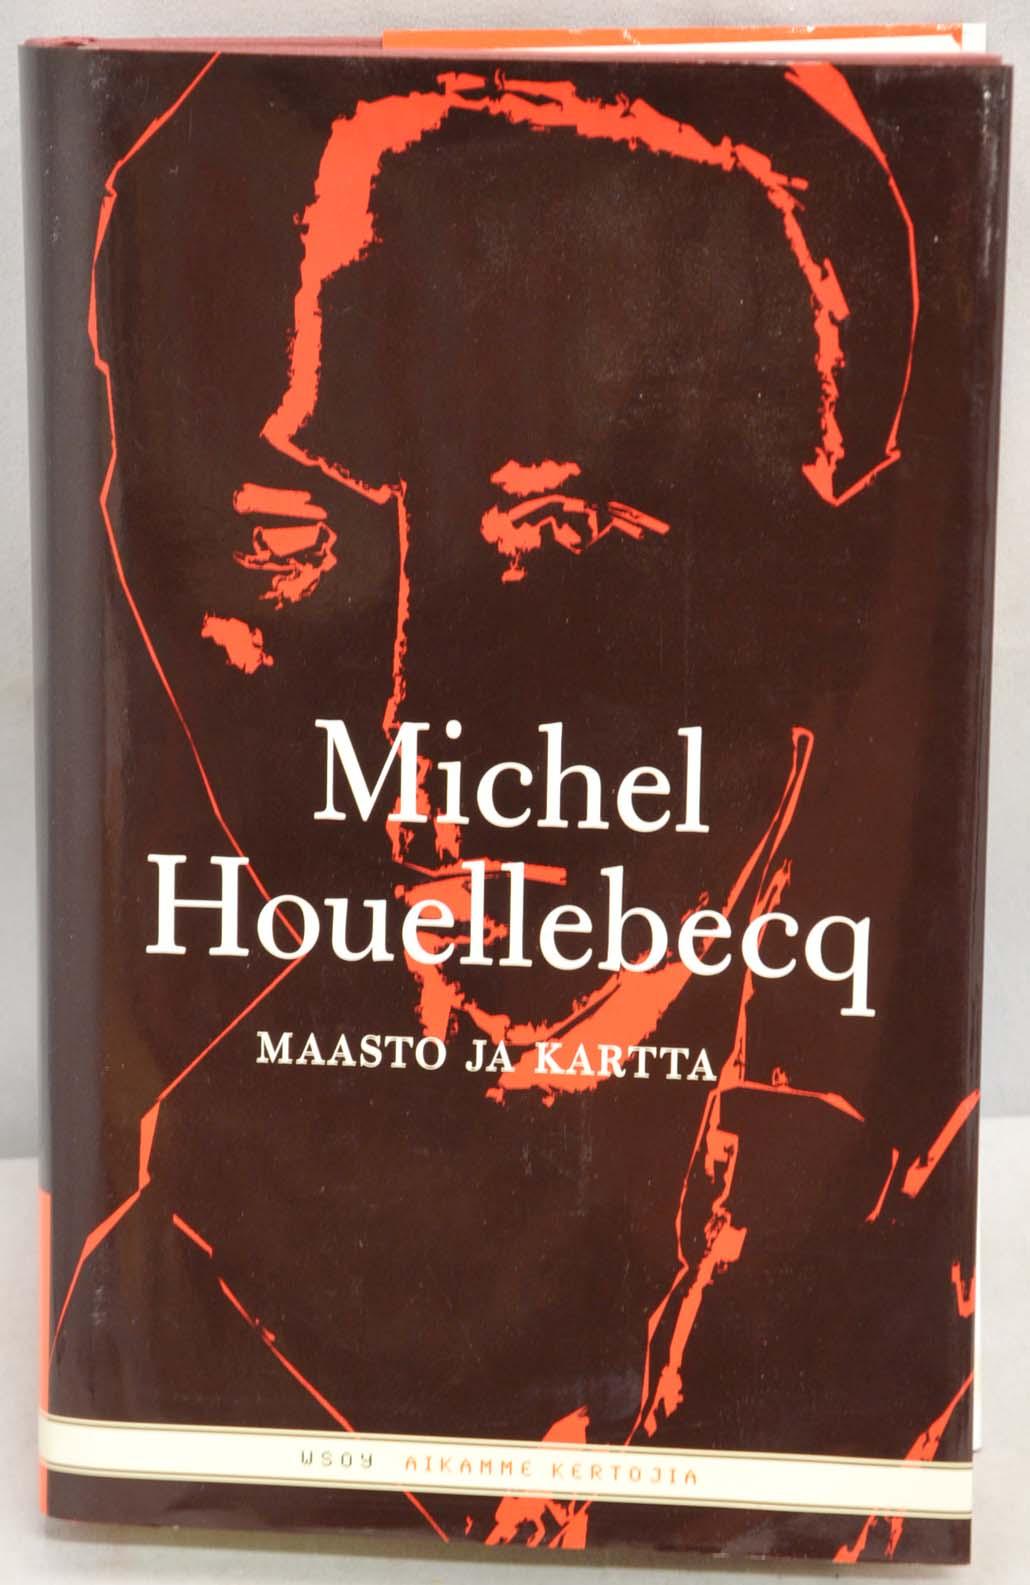 Antikka Net Maasto Ja Kartta Houellebecq Michel